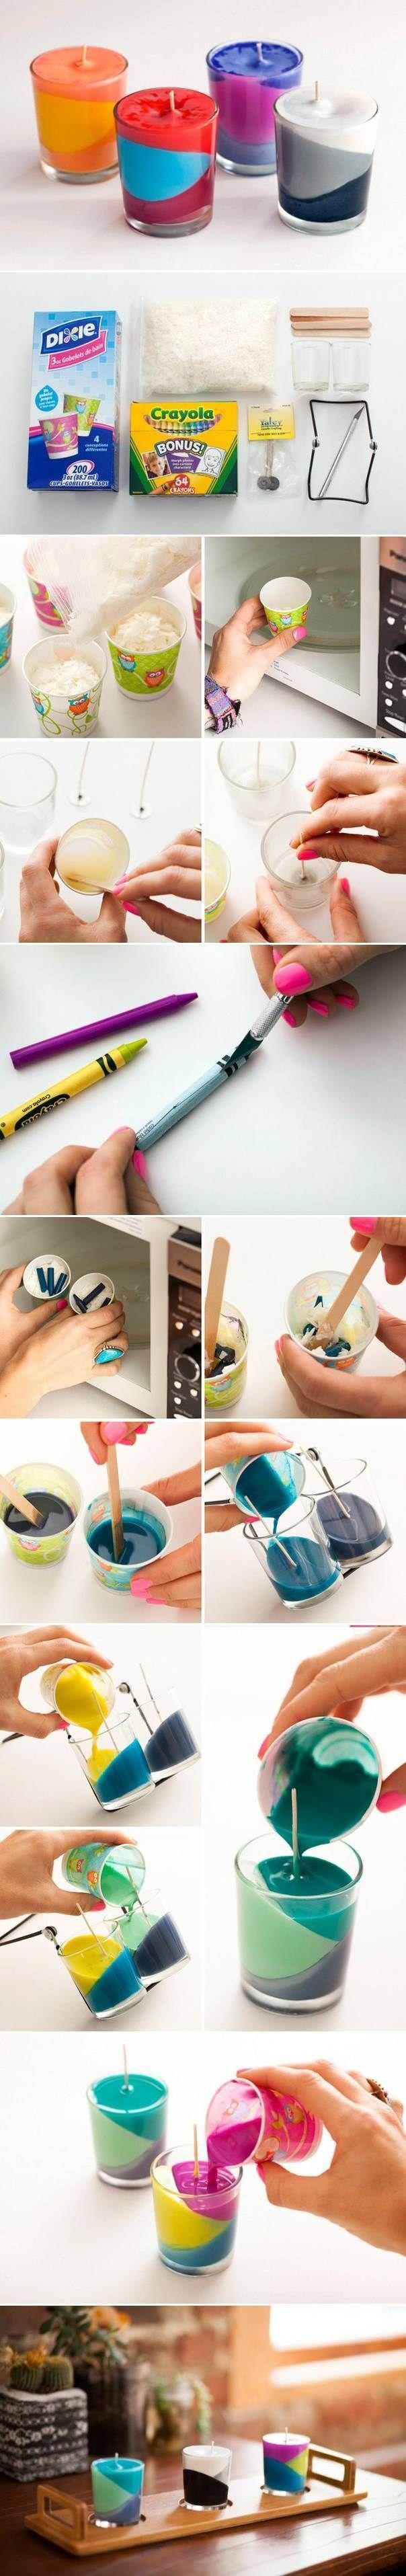 DIY Multicolor Candle from Crayons | #DIY